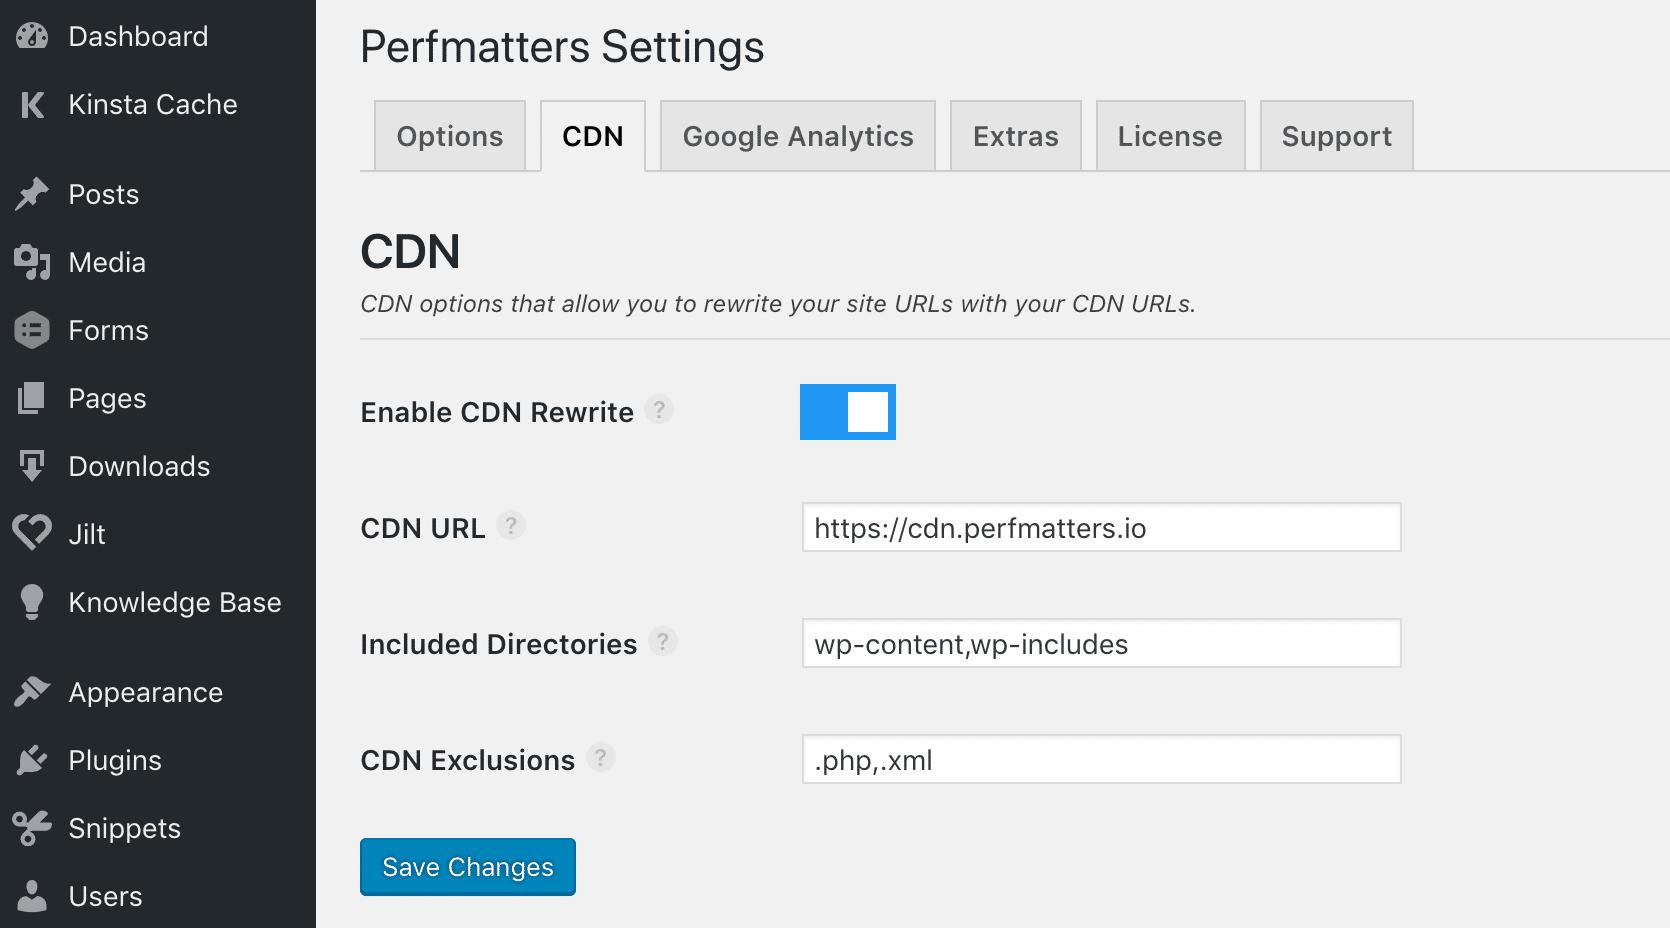 Aktivera CDN på WordPress med Perfmatters